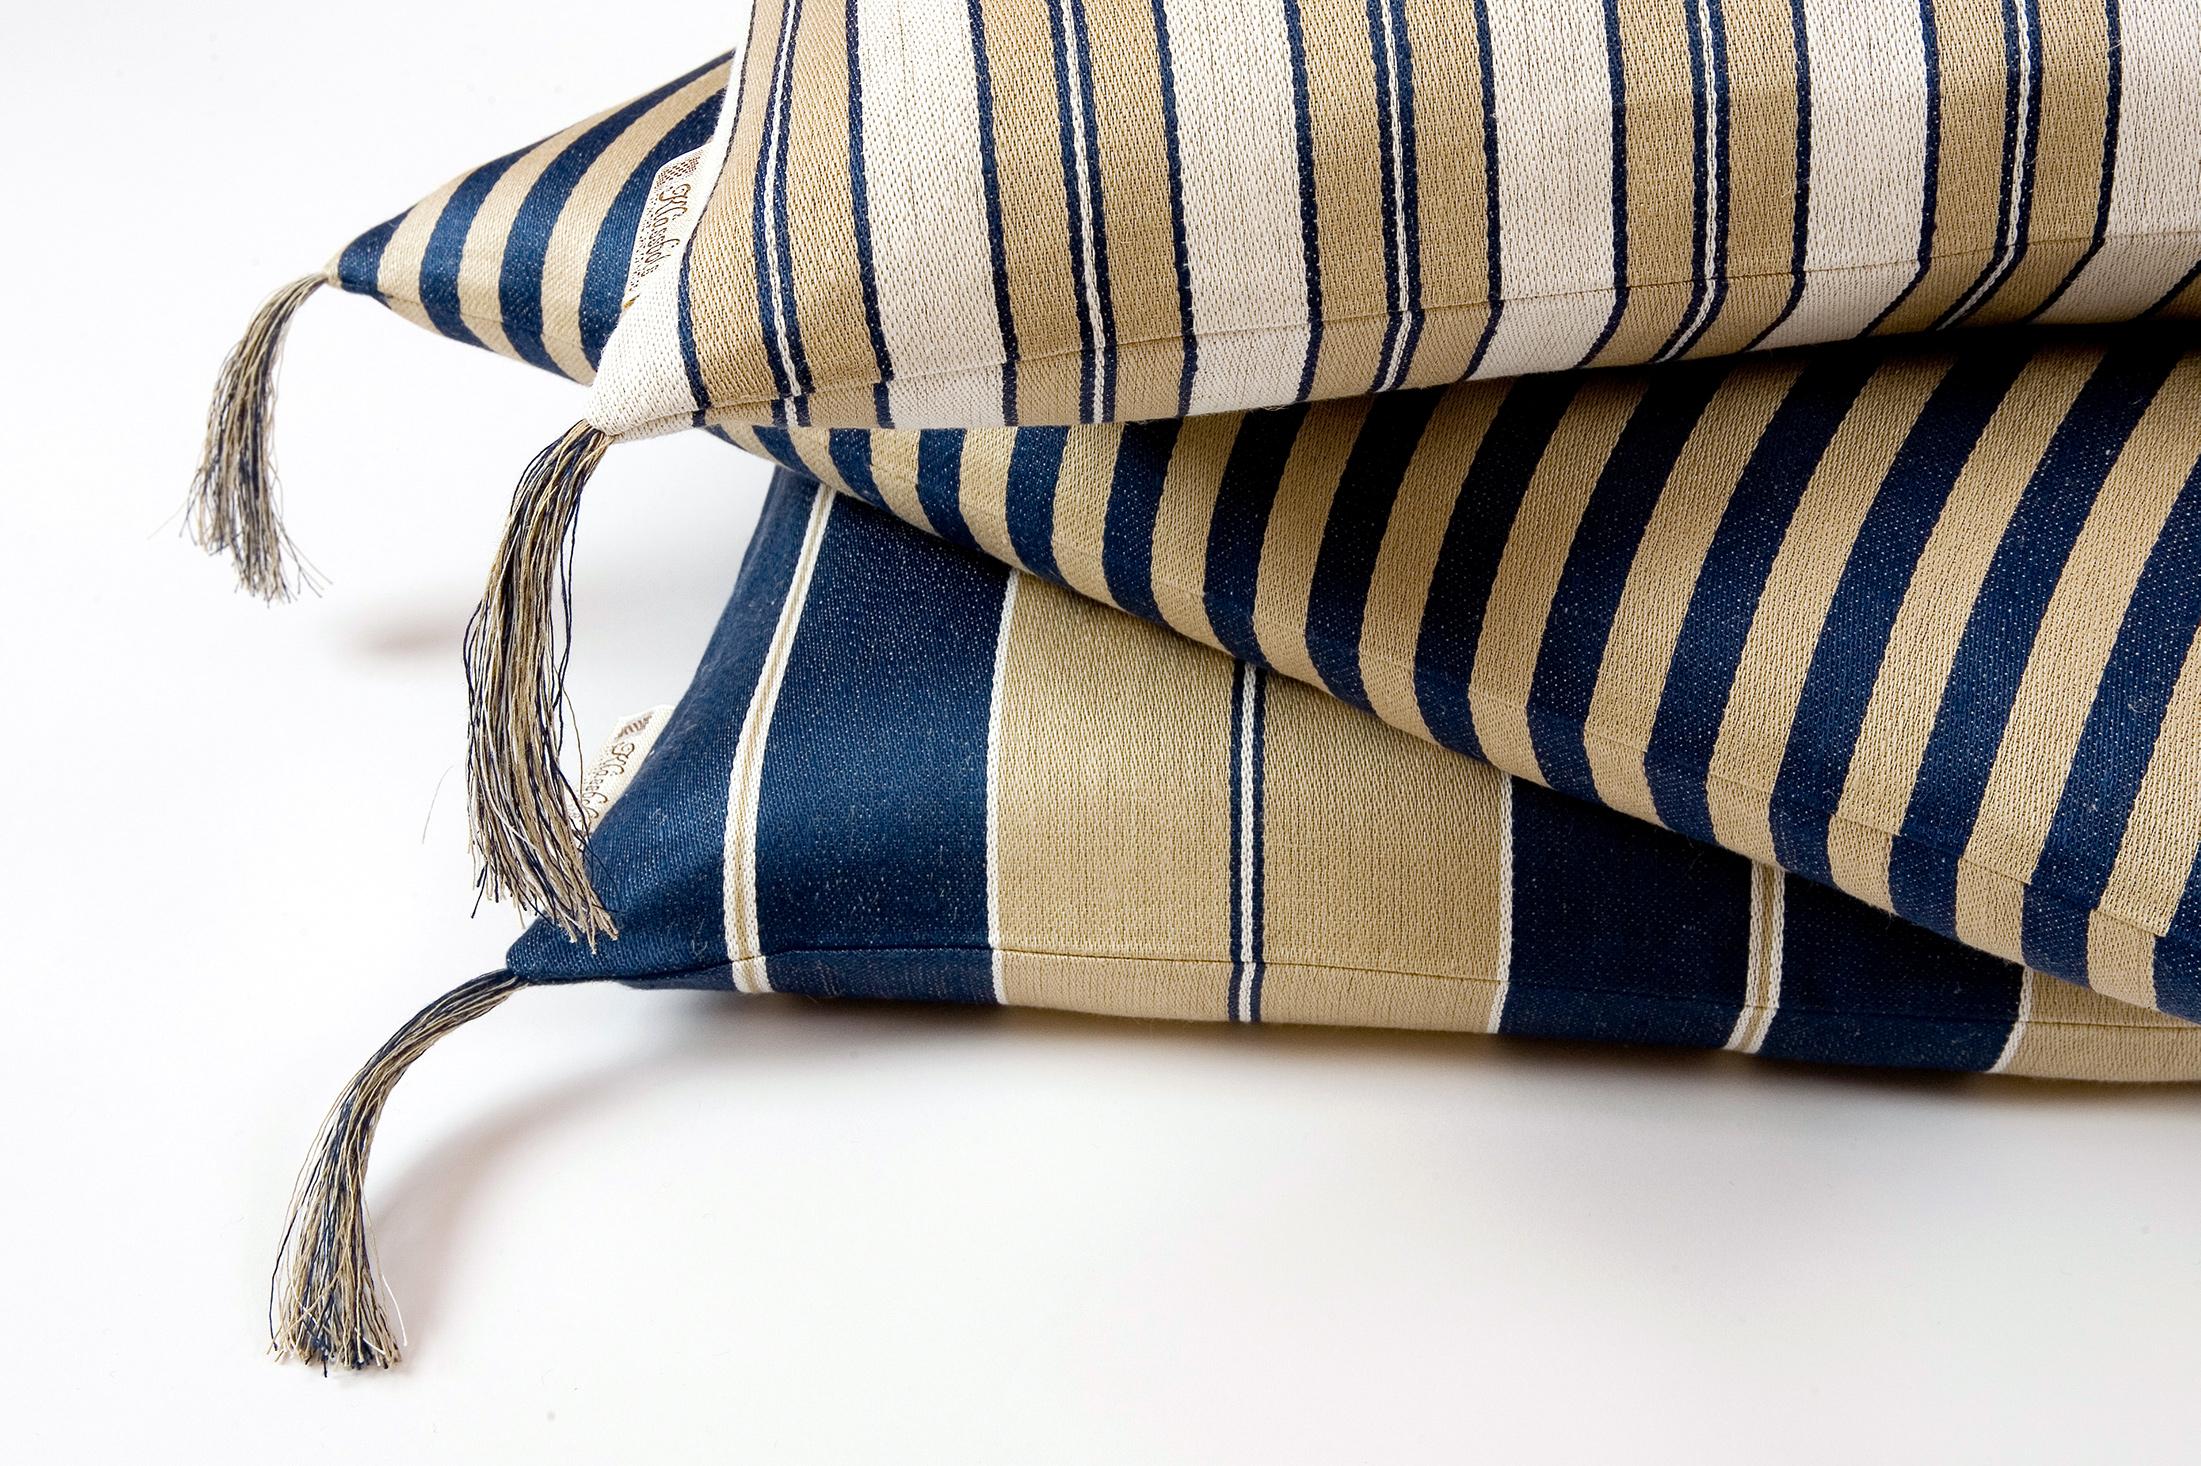 Bolster linnekuddar blå Klässbols Linneväveri design Lena Rahoult samlingsbild tofsar